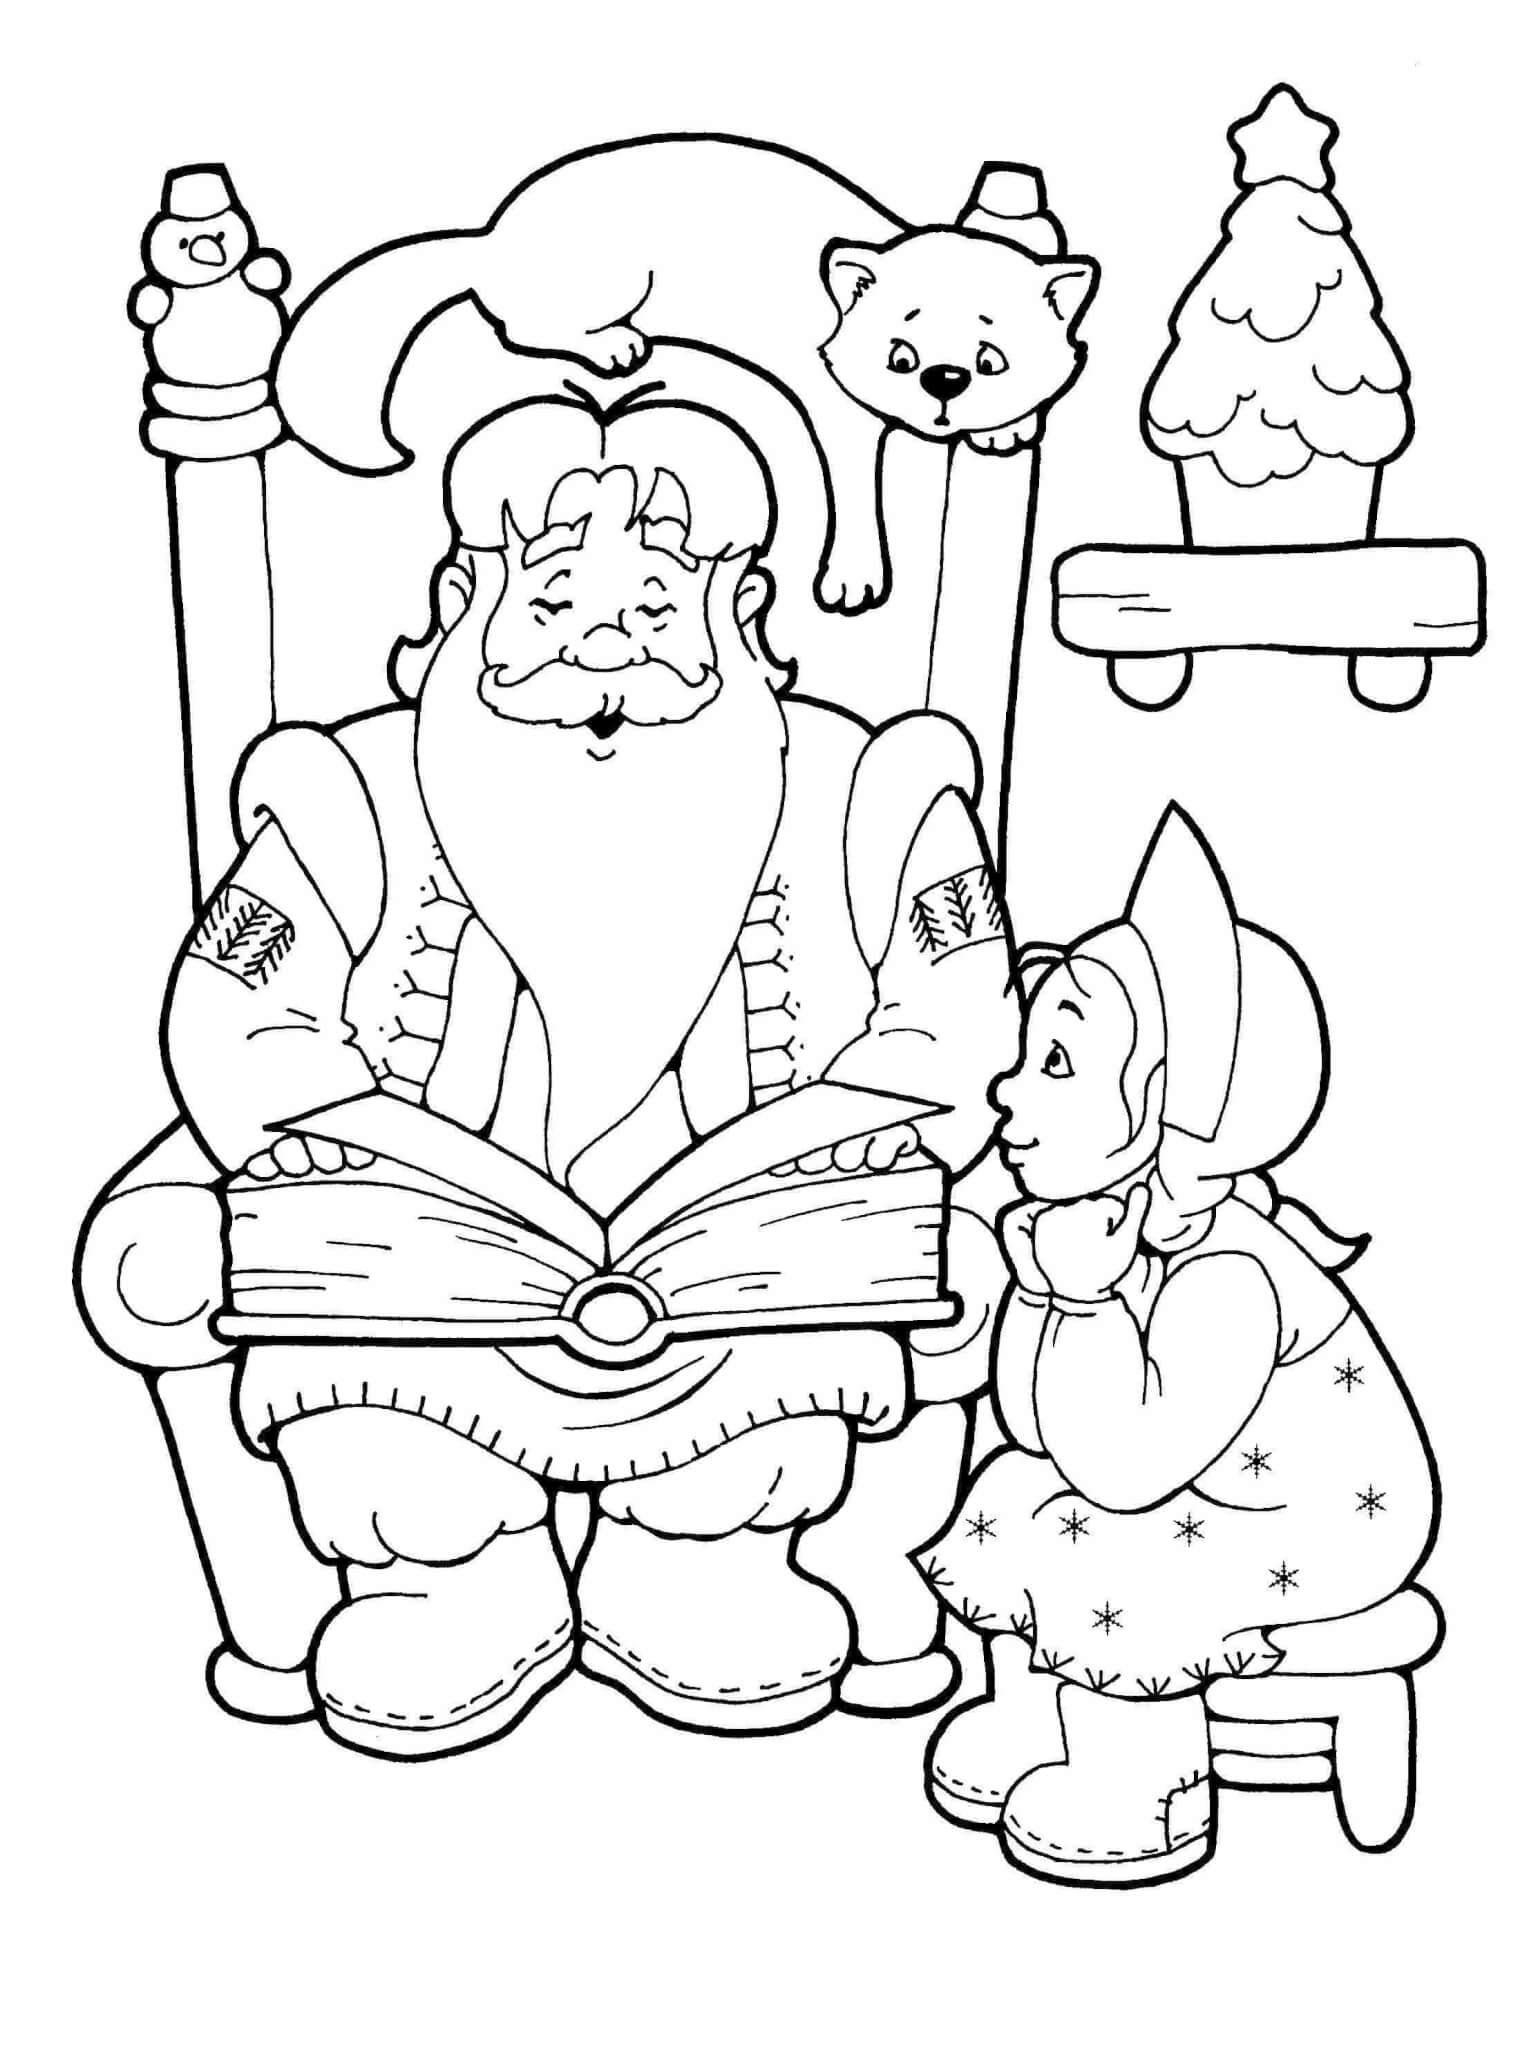 Раскраски дед мороз и снегурочка для детей, картинки зимние добрым